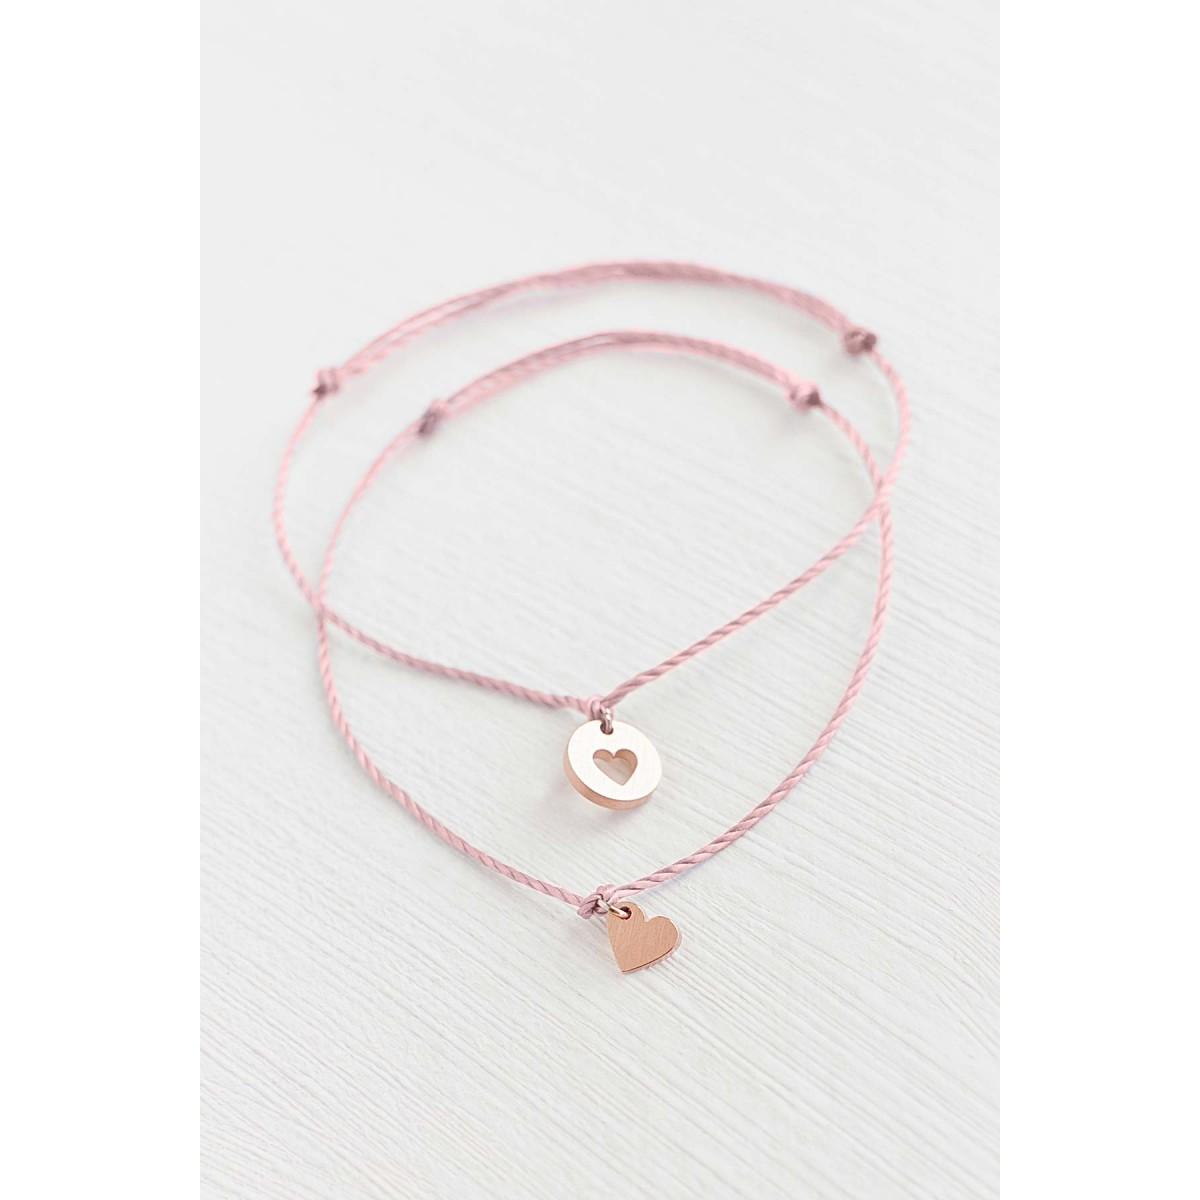 Oh Bracelet Berlin - 2er-Set: Armband »Mutter & Tochter für immer« Farbe Rosé-gold